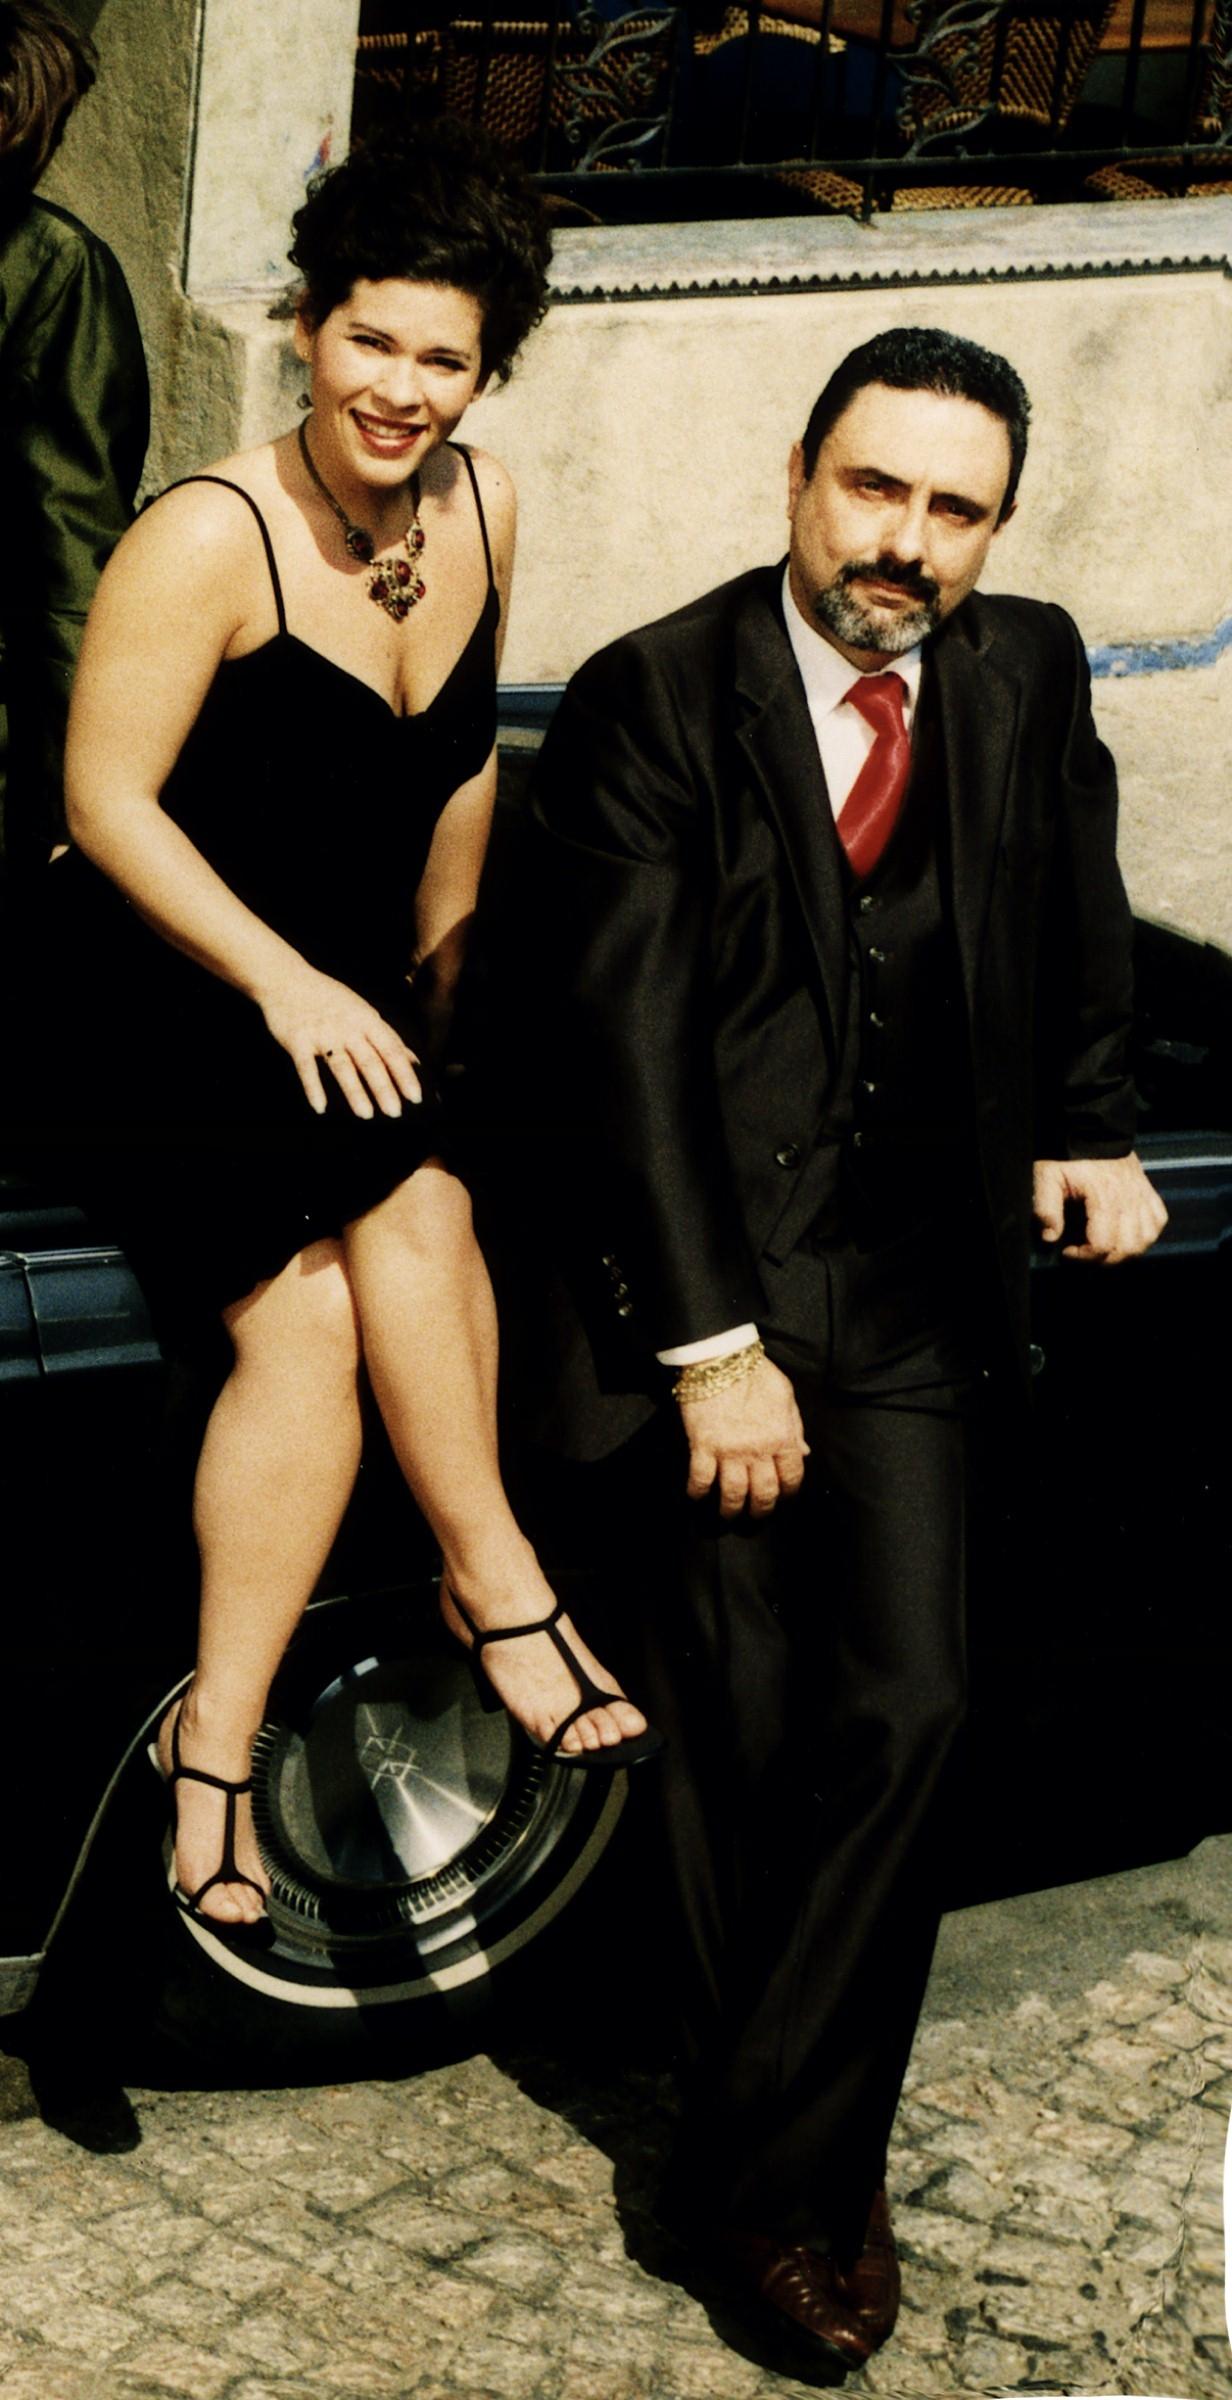 Havana Son Duo – Richmond, VA 2001